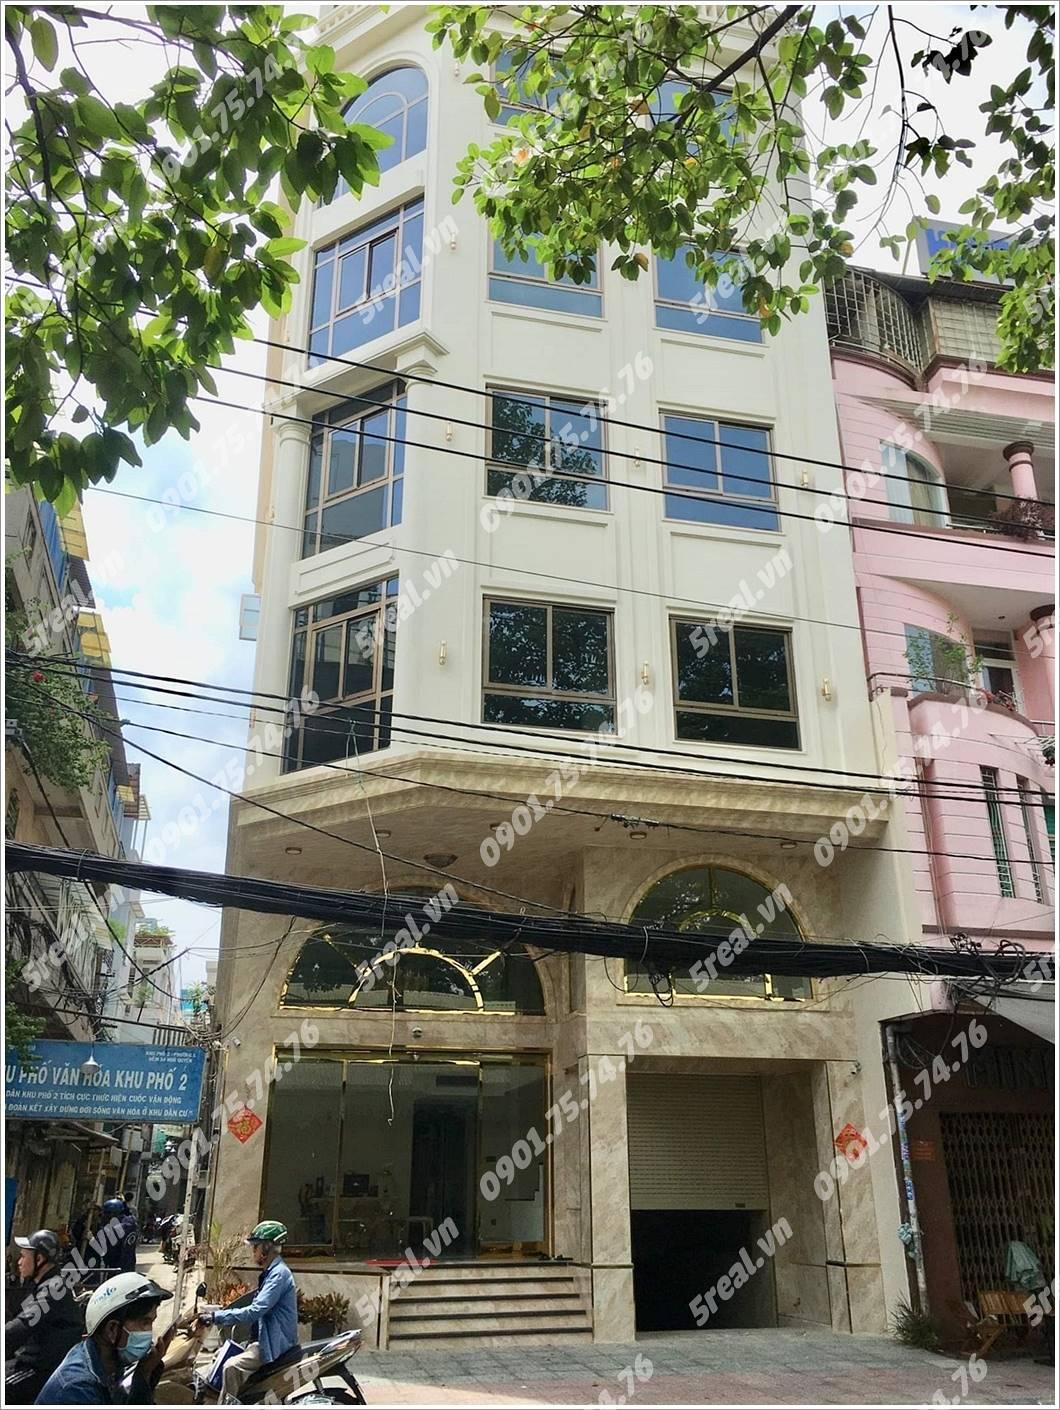 thanh-son-building-ngo-quyen-quan-10-van-phong-cho-thue-tphcm-5real.vn-01